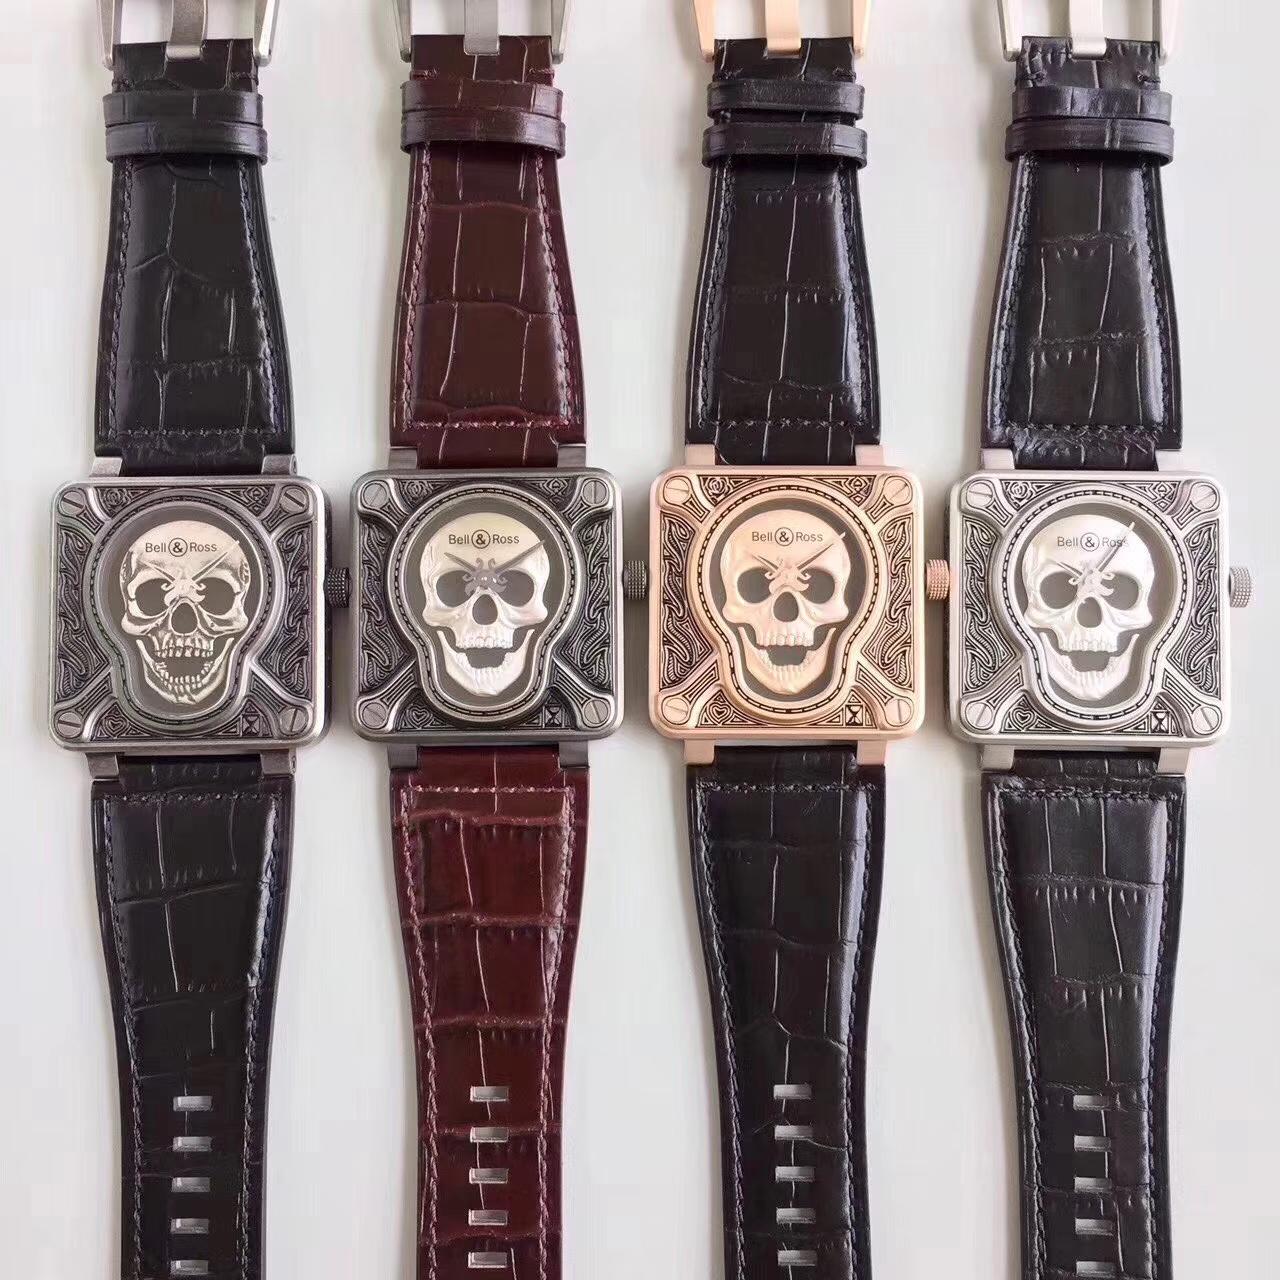 【独家视频评测】柏莱士BELL & ROSS BR 01 Burning skull  Instruments 系列限量版骷颅头 / BLCH019